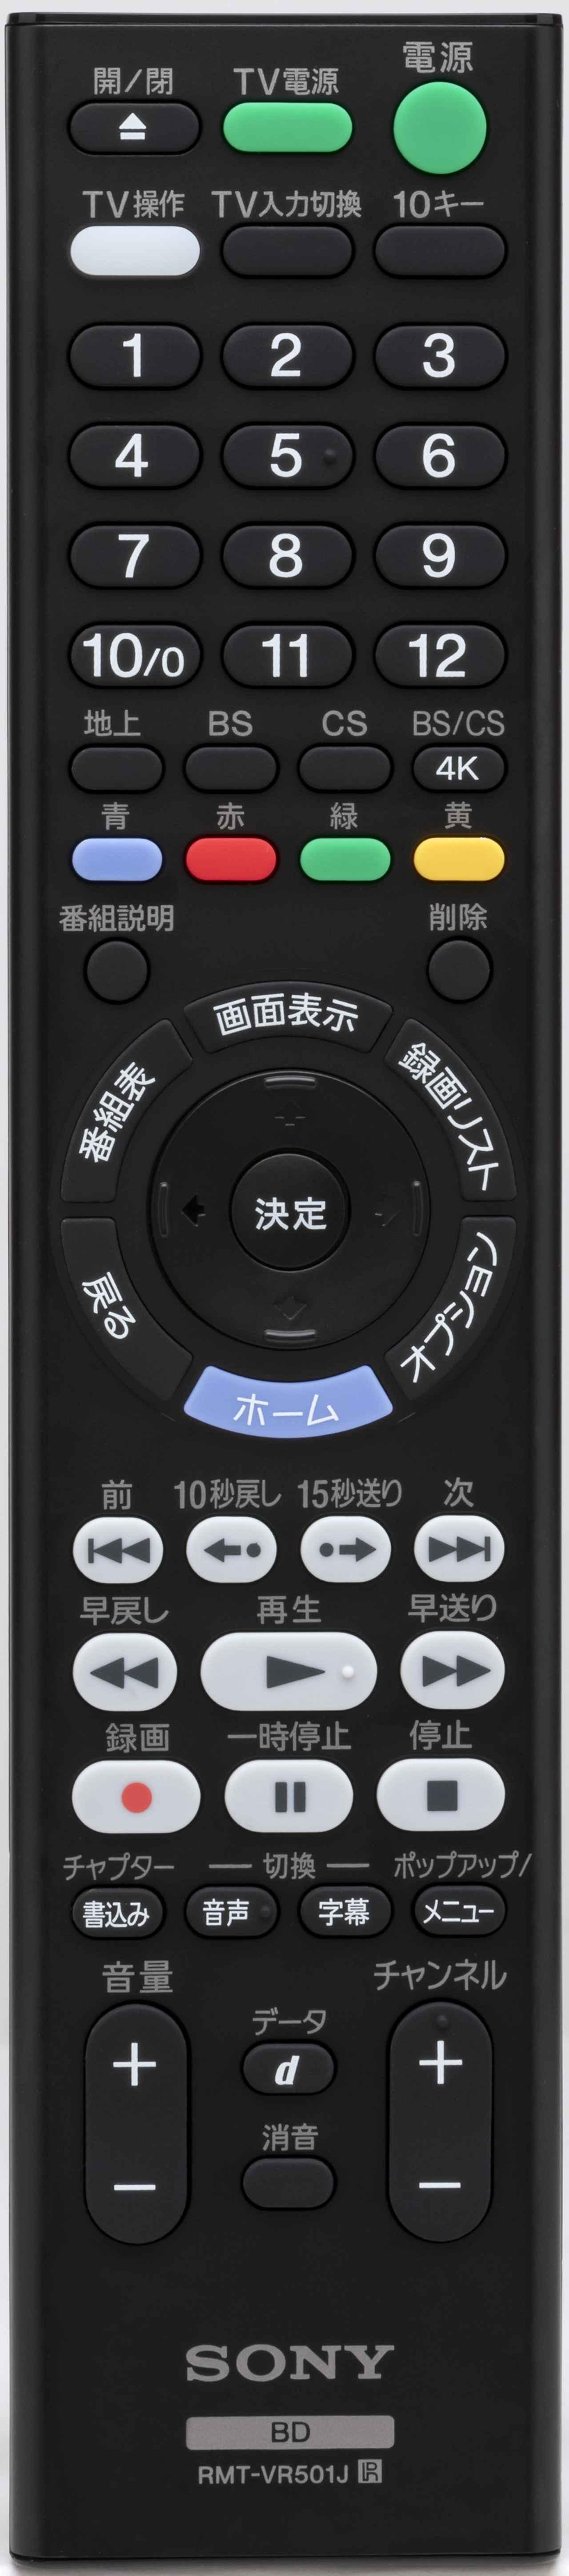 画像: 従来と同じリモコンが付属する。録画・再生操作で多用するボタンは中央にサークル状に配置されて使いやすい